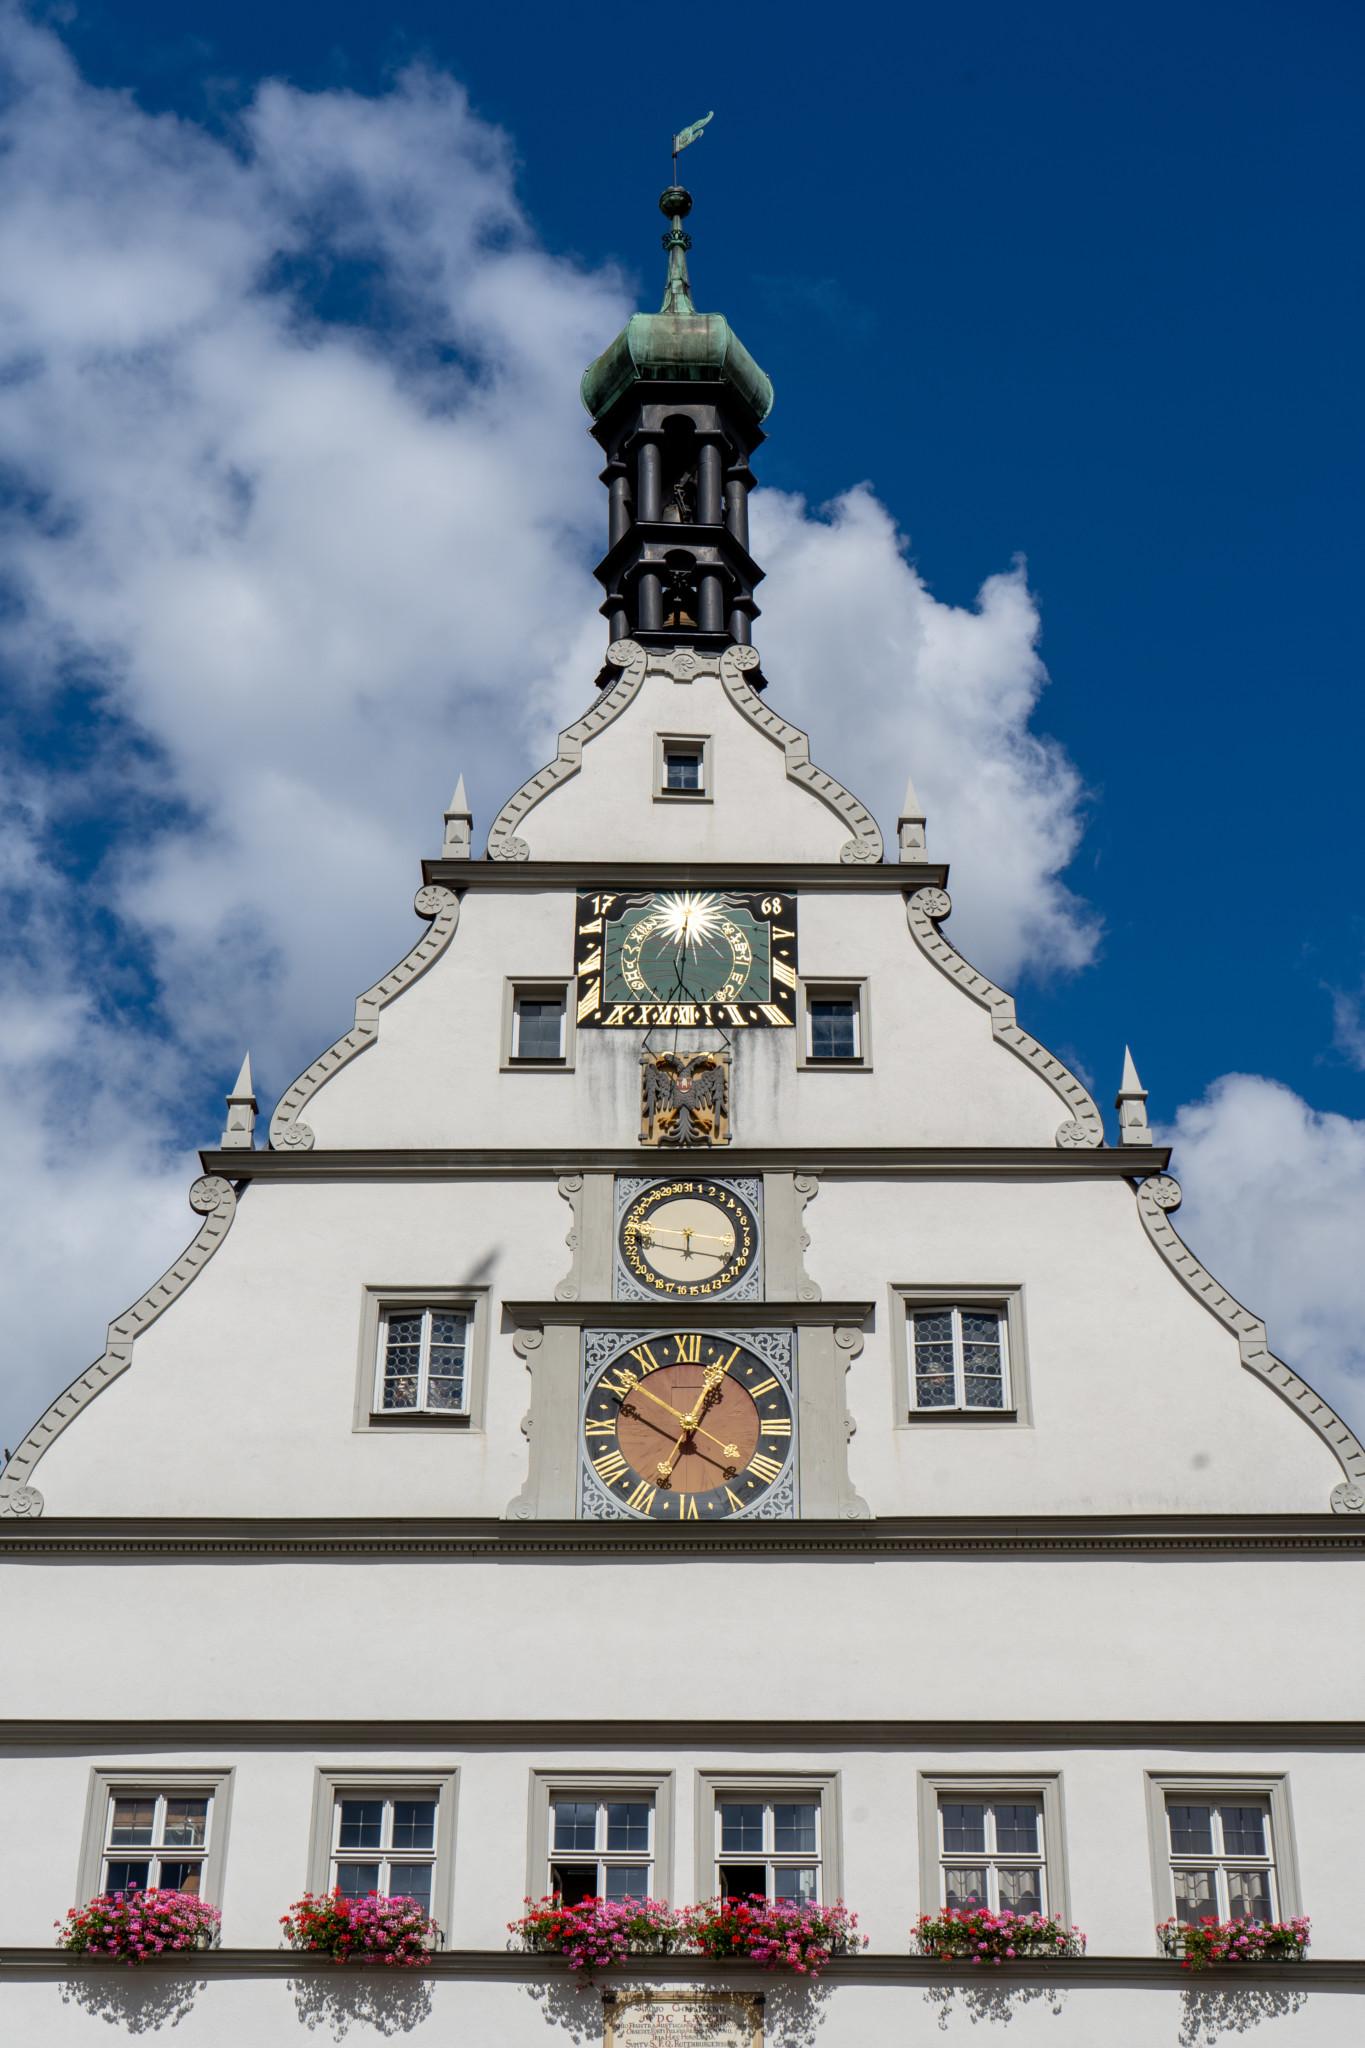 Sonnenuhr in Rothenburg